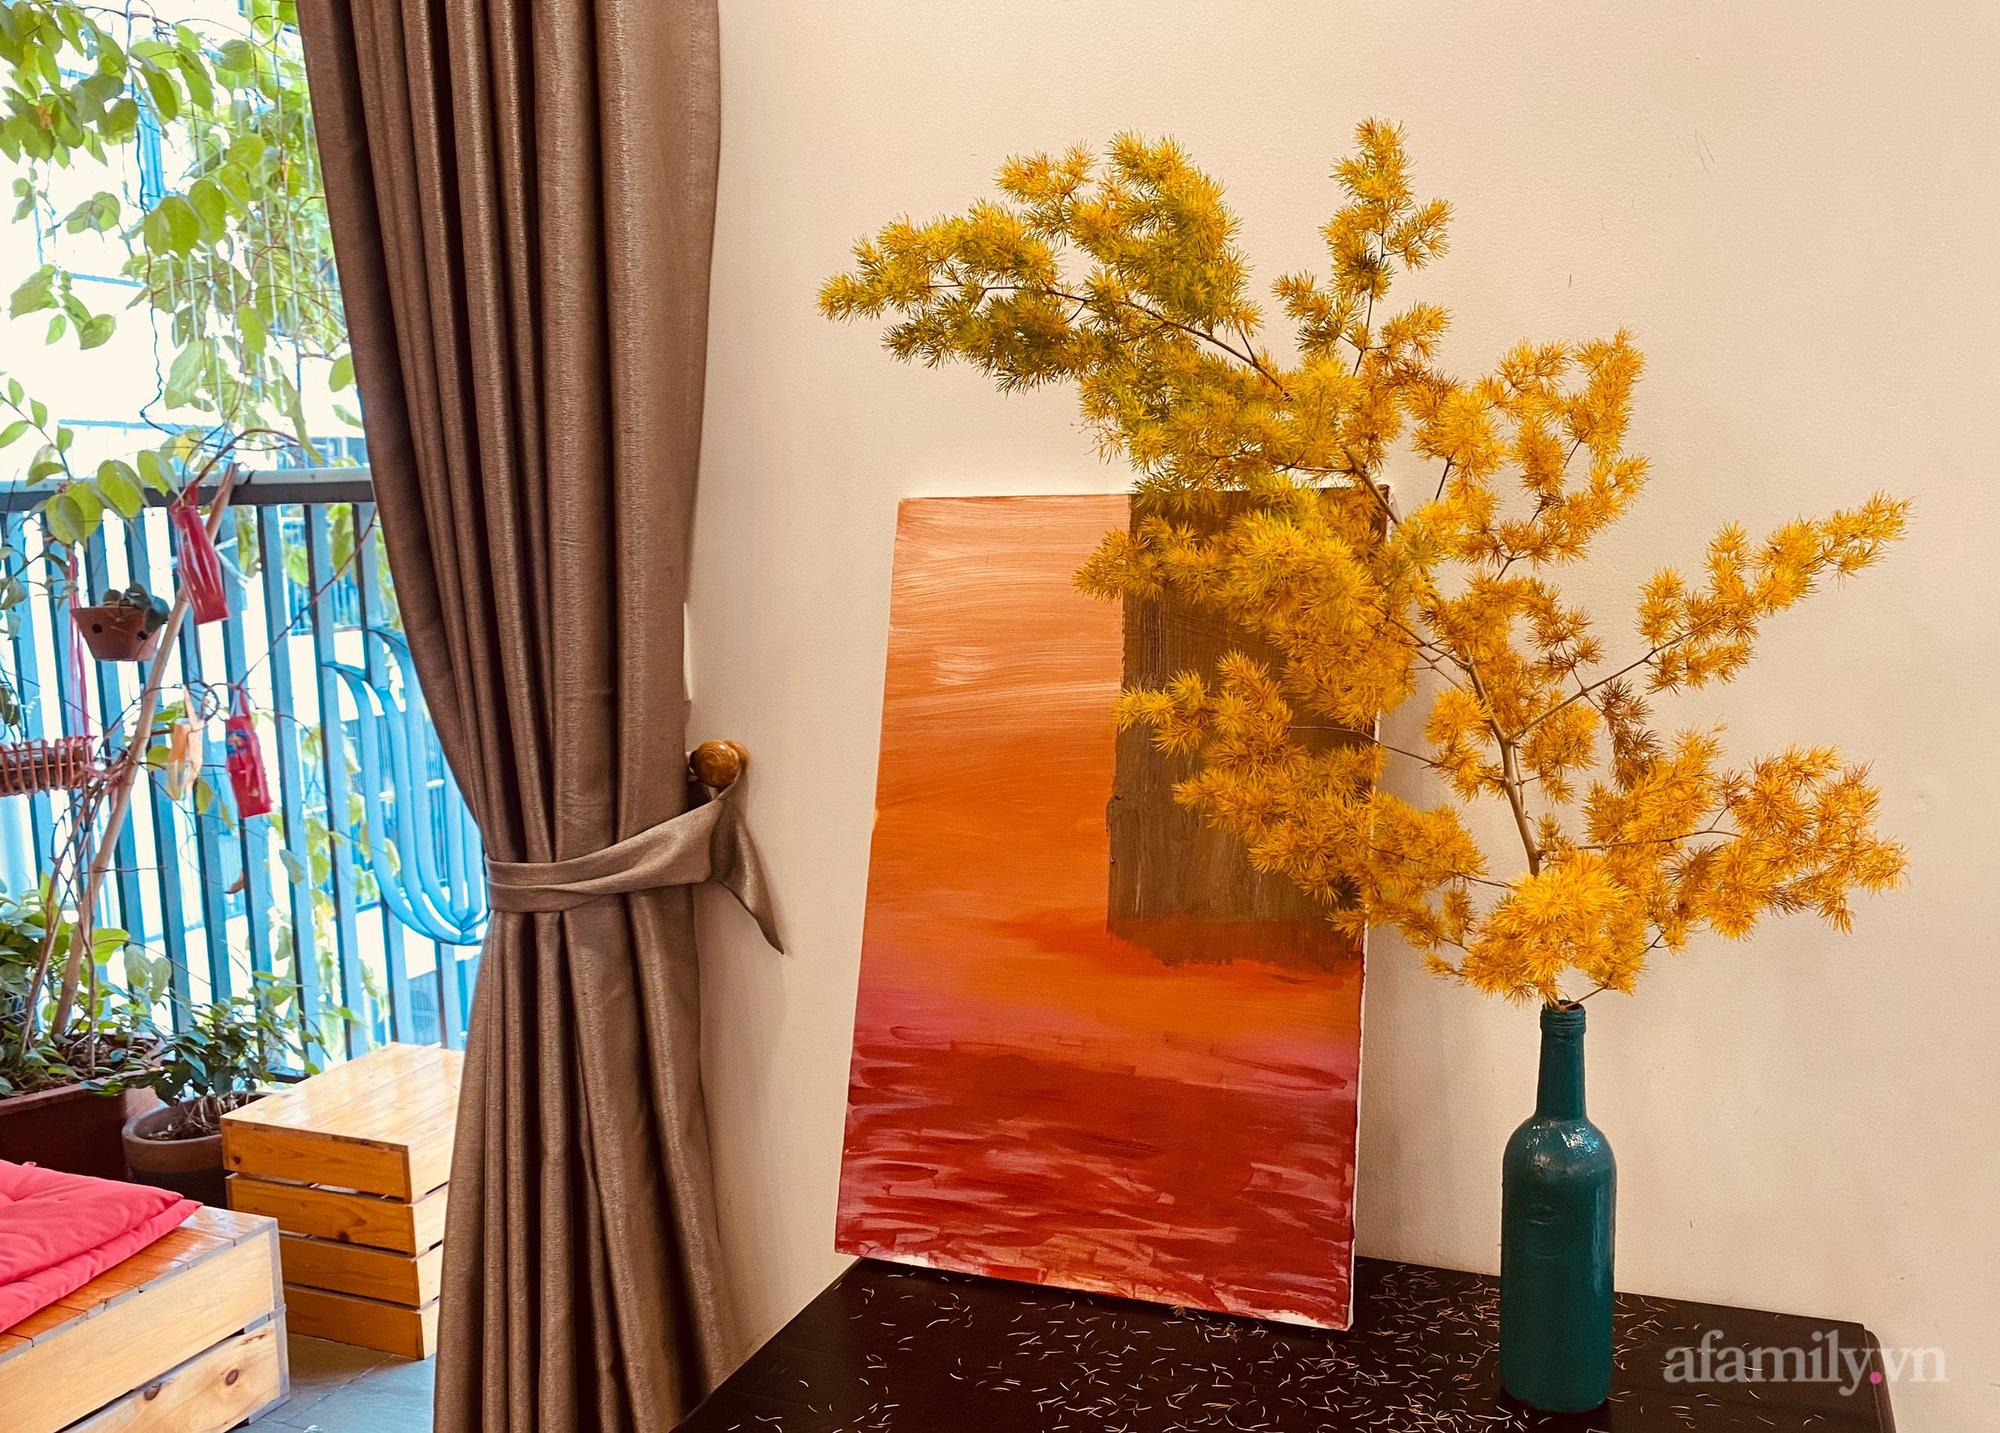 """Mẹ đảm Hà Nội """"mách nhỏ"""" loại cành cắm mang Thu vào nhà, giá 125k/5 cành đặt góc nào cũng ra bức ảnh như ở trời Tây - Ảnh 3."""